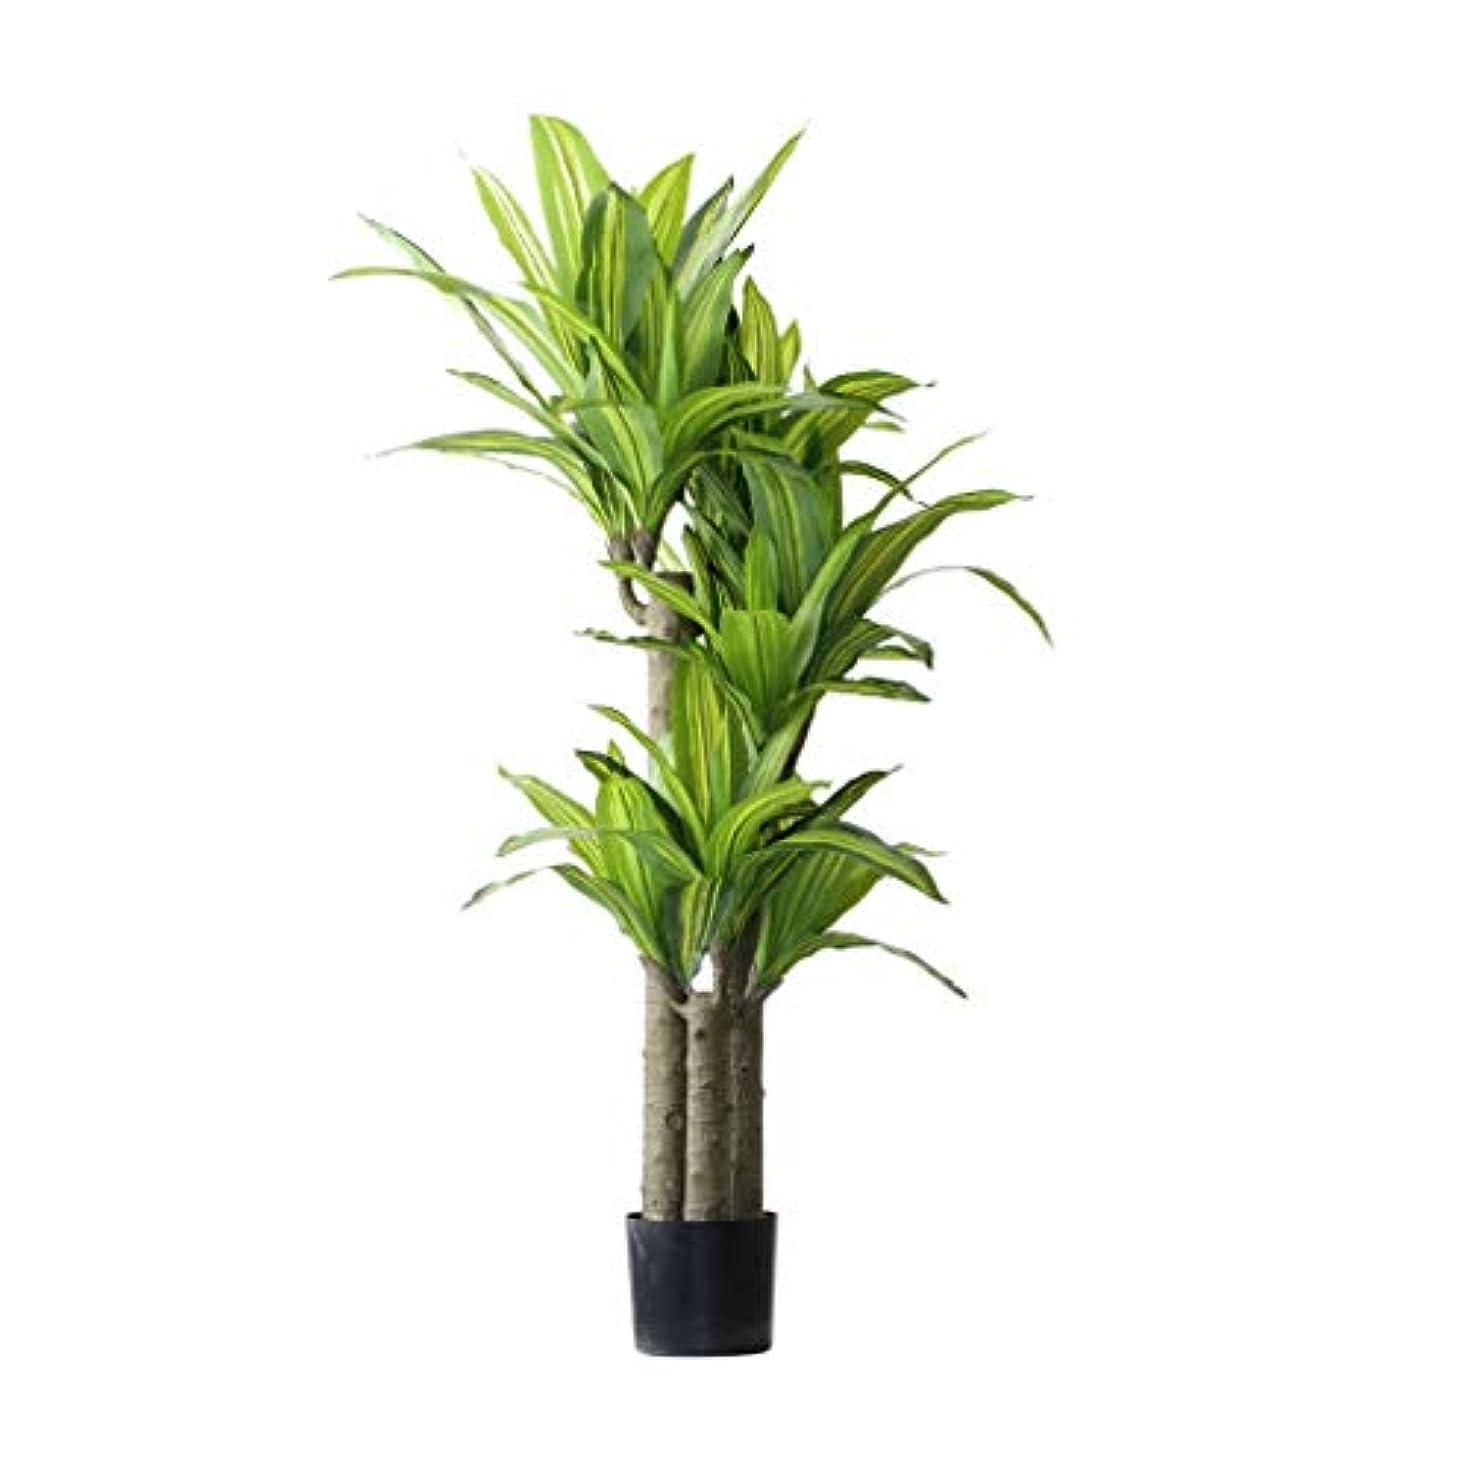 ウッズ扇動ルー人工木 新しい大規模な偽木緑化植物の香り龍の血の木盆栽人工樹木人工植物のホームデコレーション 偽の木 (サイズ : 155cm)